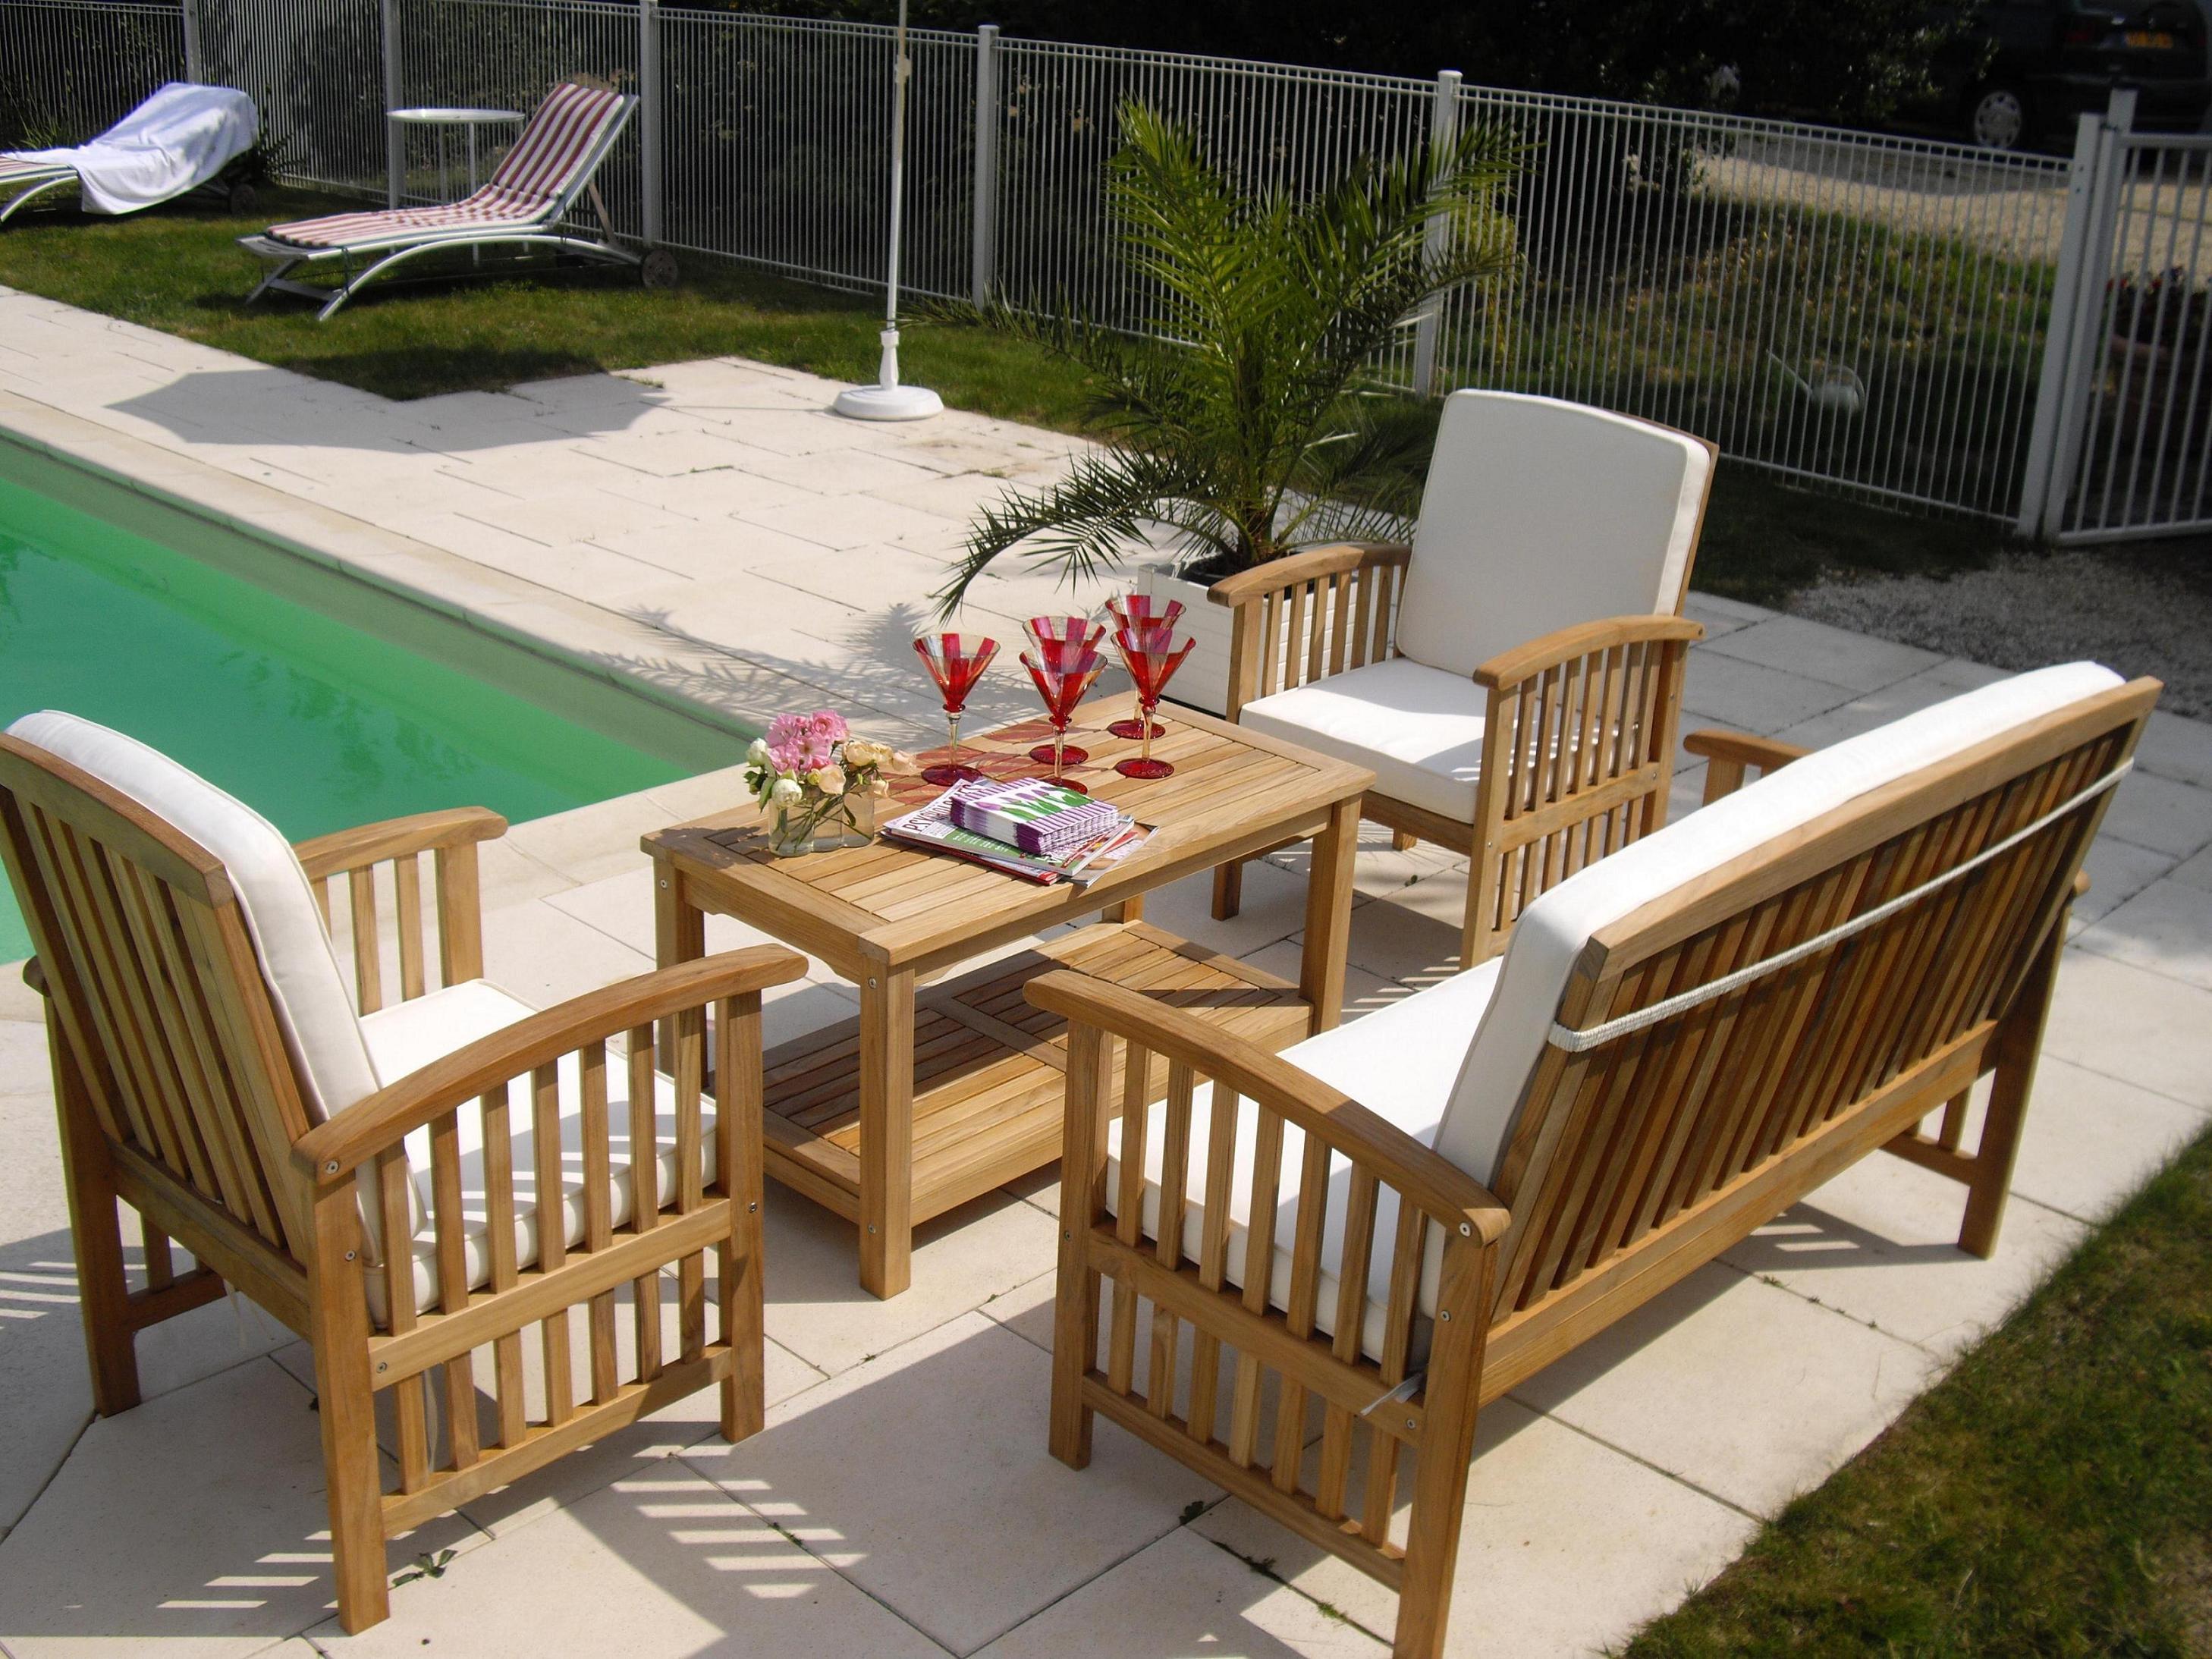 Petit salon de jardin occasion - Mailleraye.fr jardin